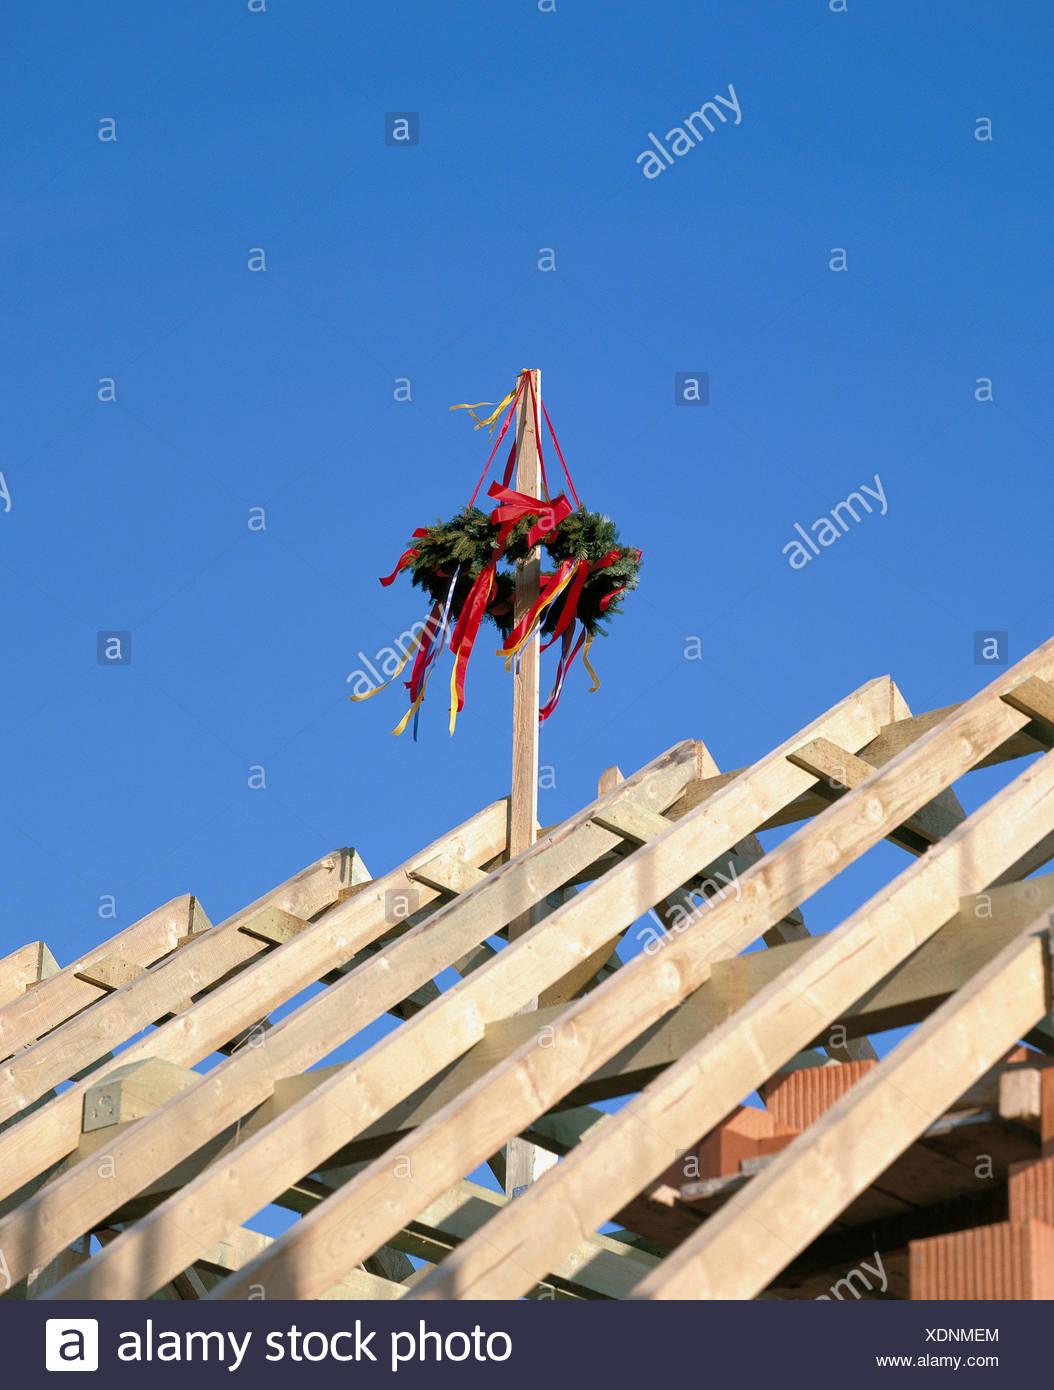 Haus Bau aus Holz Baugerüsten Richtkranz auf Dach Rahmen Rahmung Bau ...